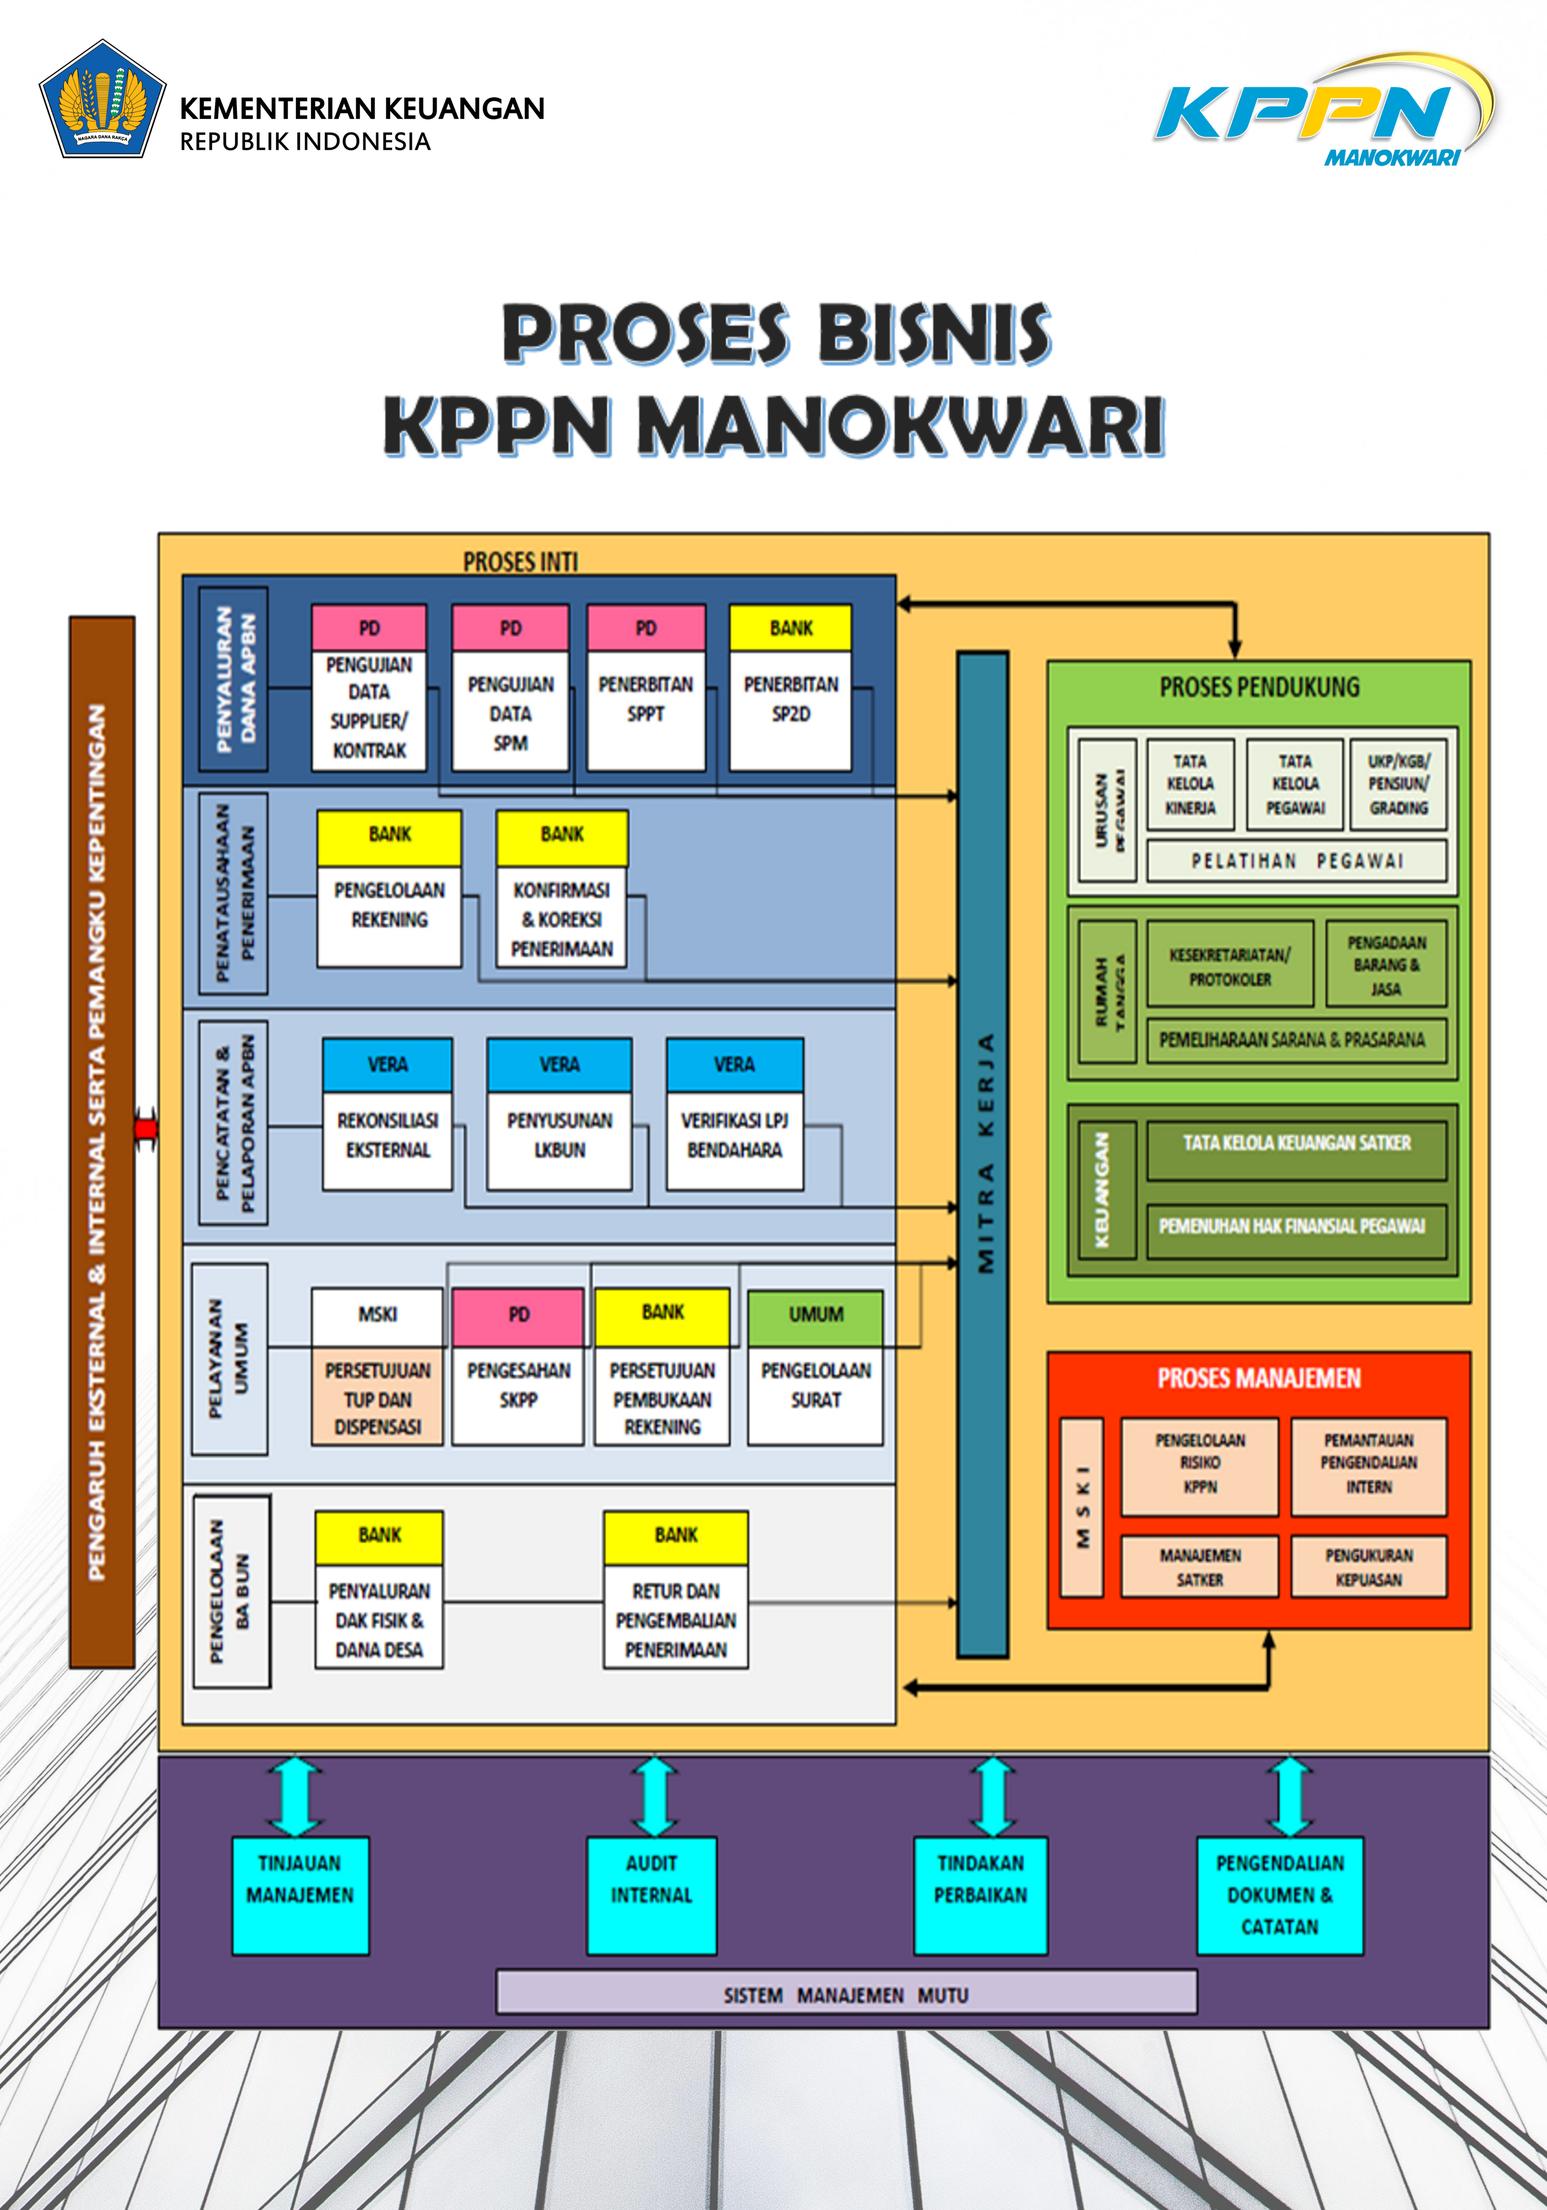 Peta Strategi dan Proses Bisnis KPPN Manokwari